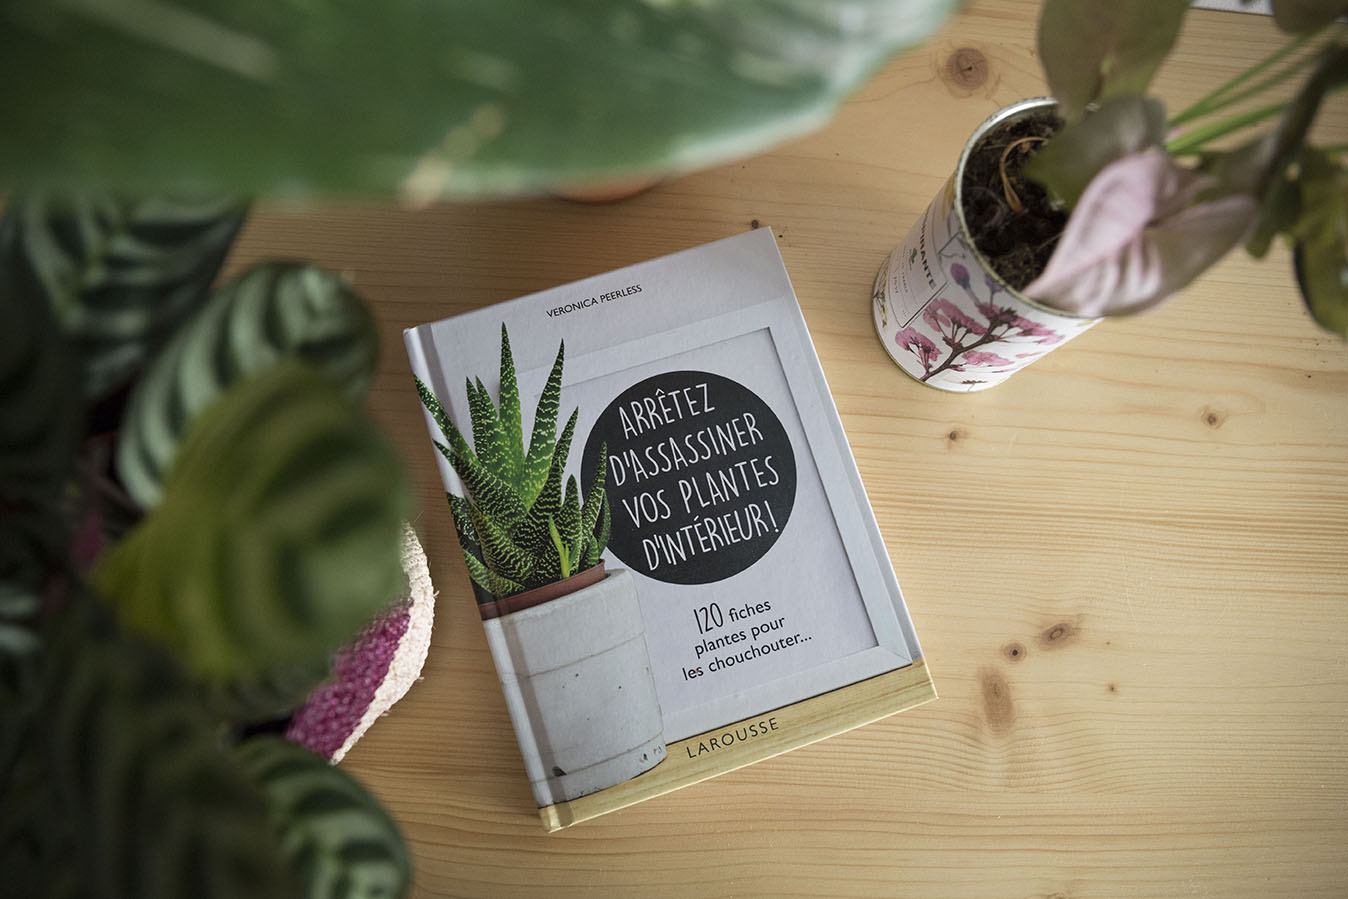 plantes pas assassinees